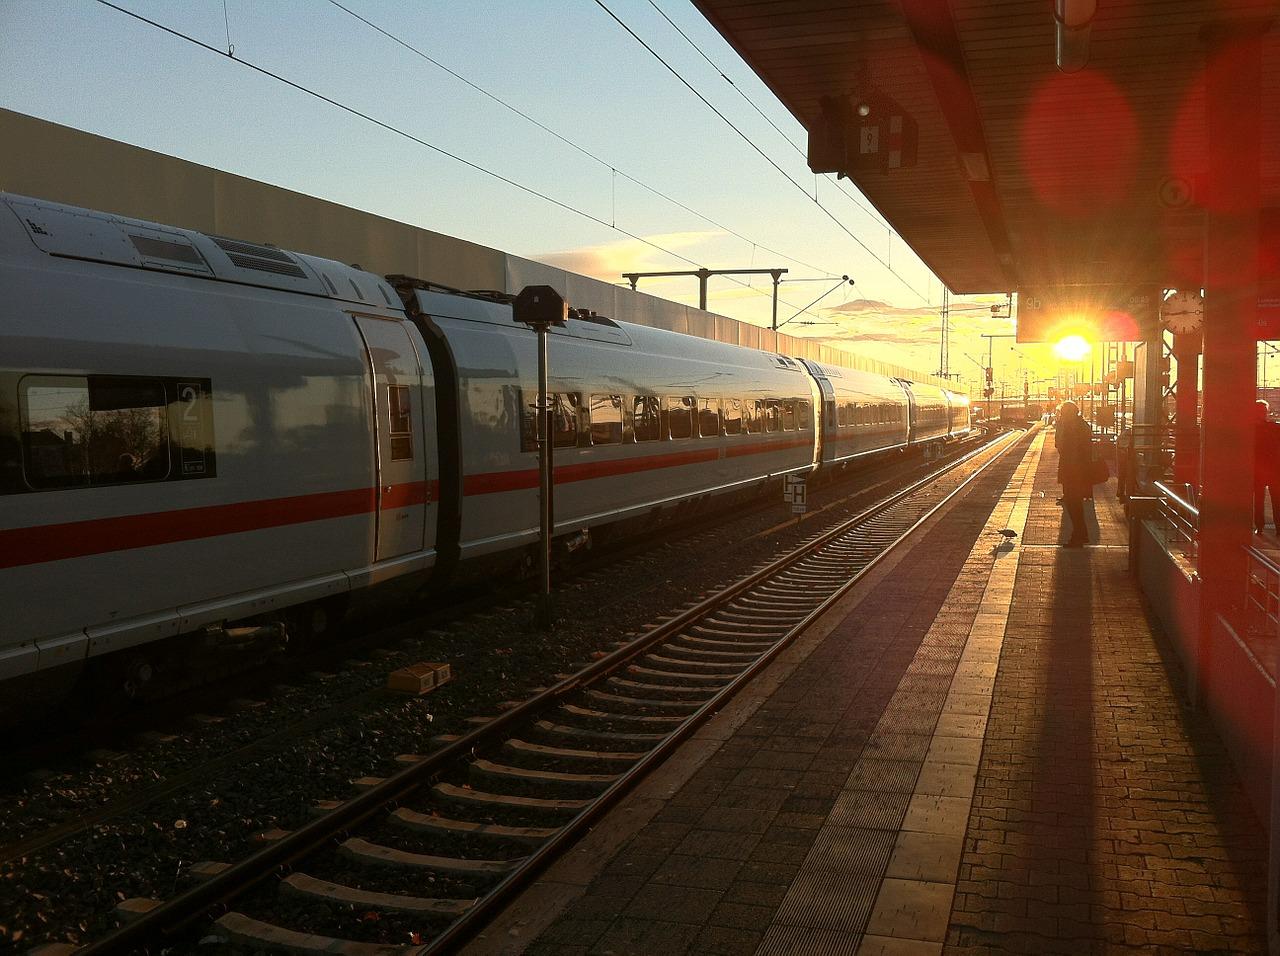 DB Bahnlounge in Deutschland